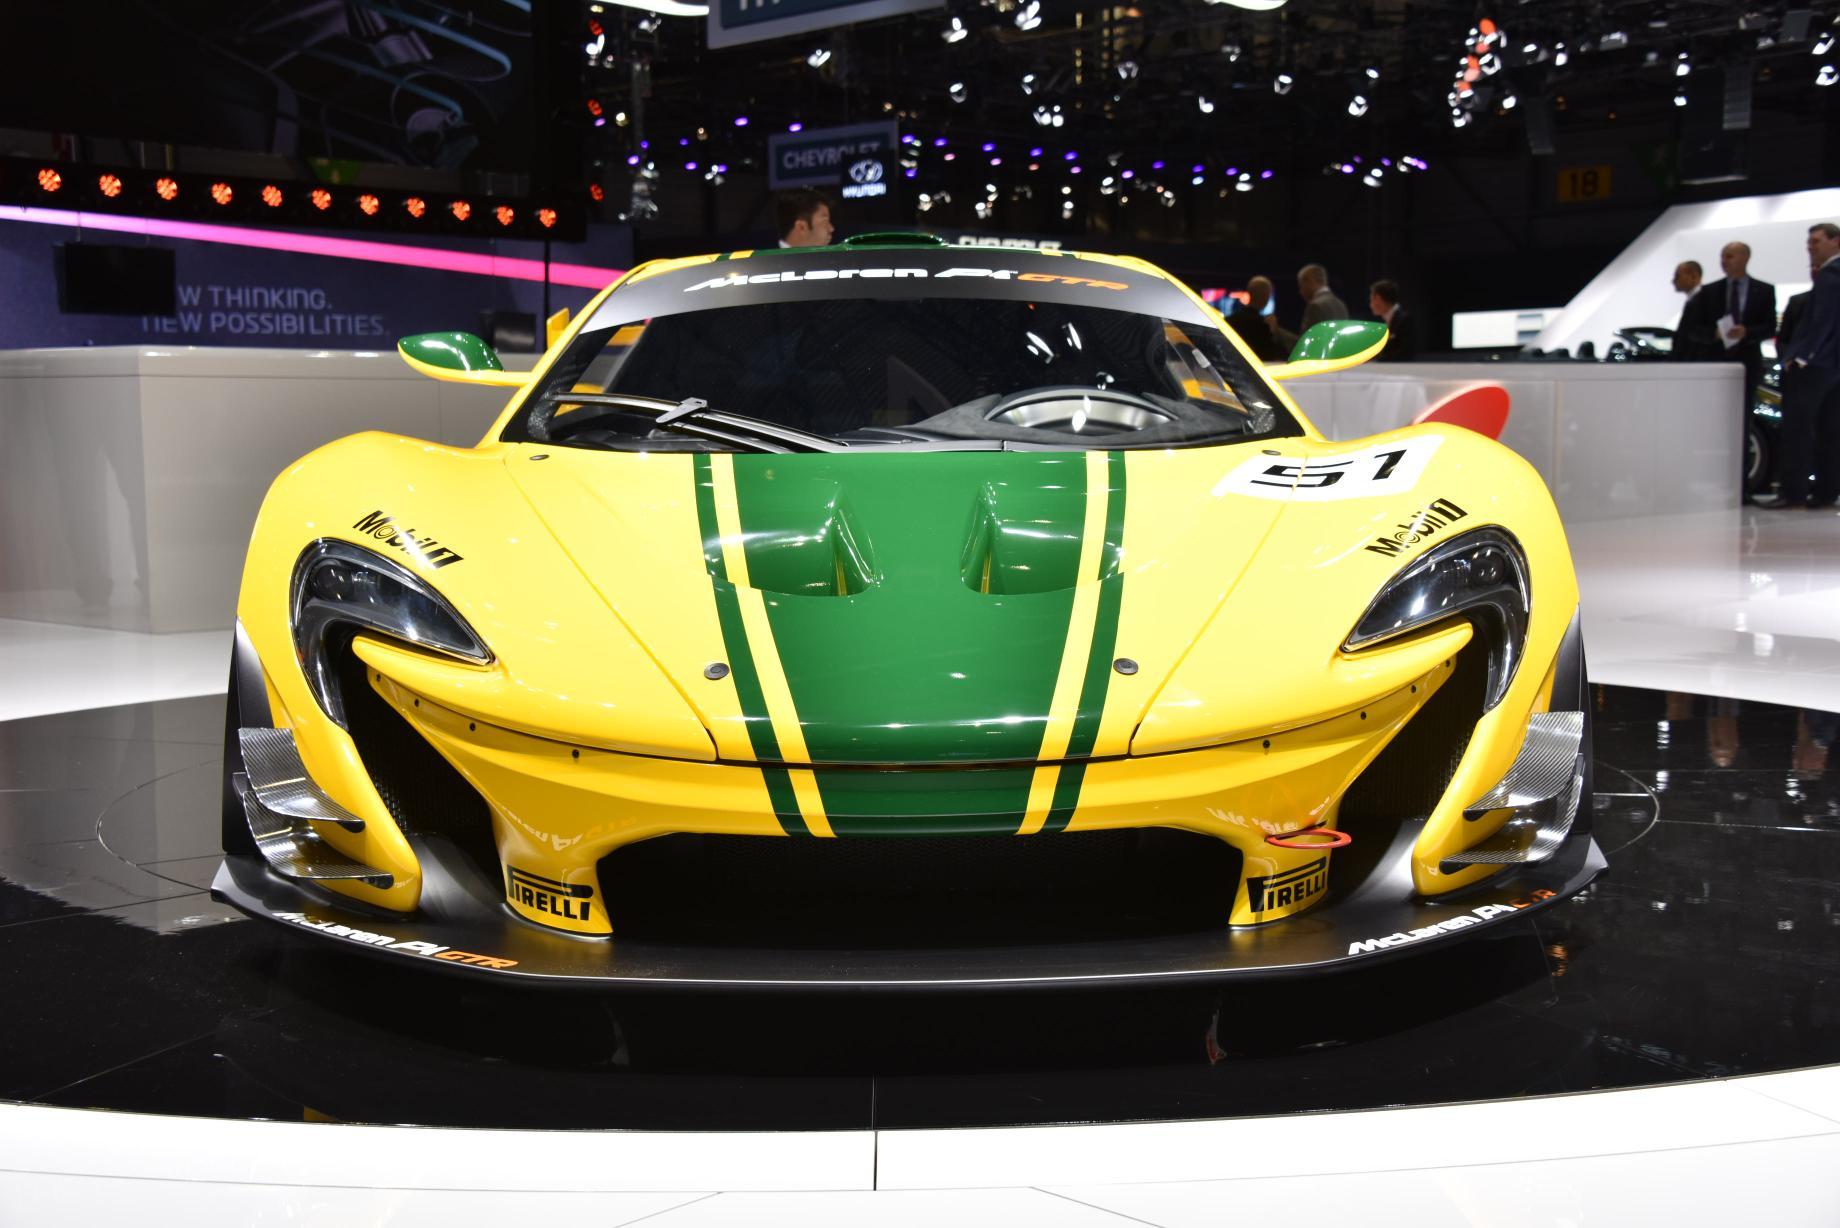 Mclaren P1 Gtr Race Car Debuts At The